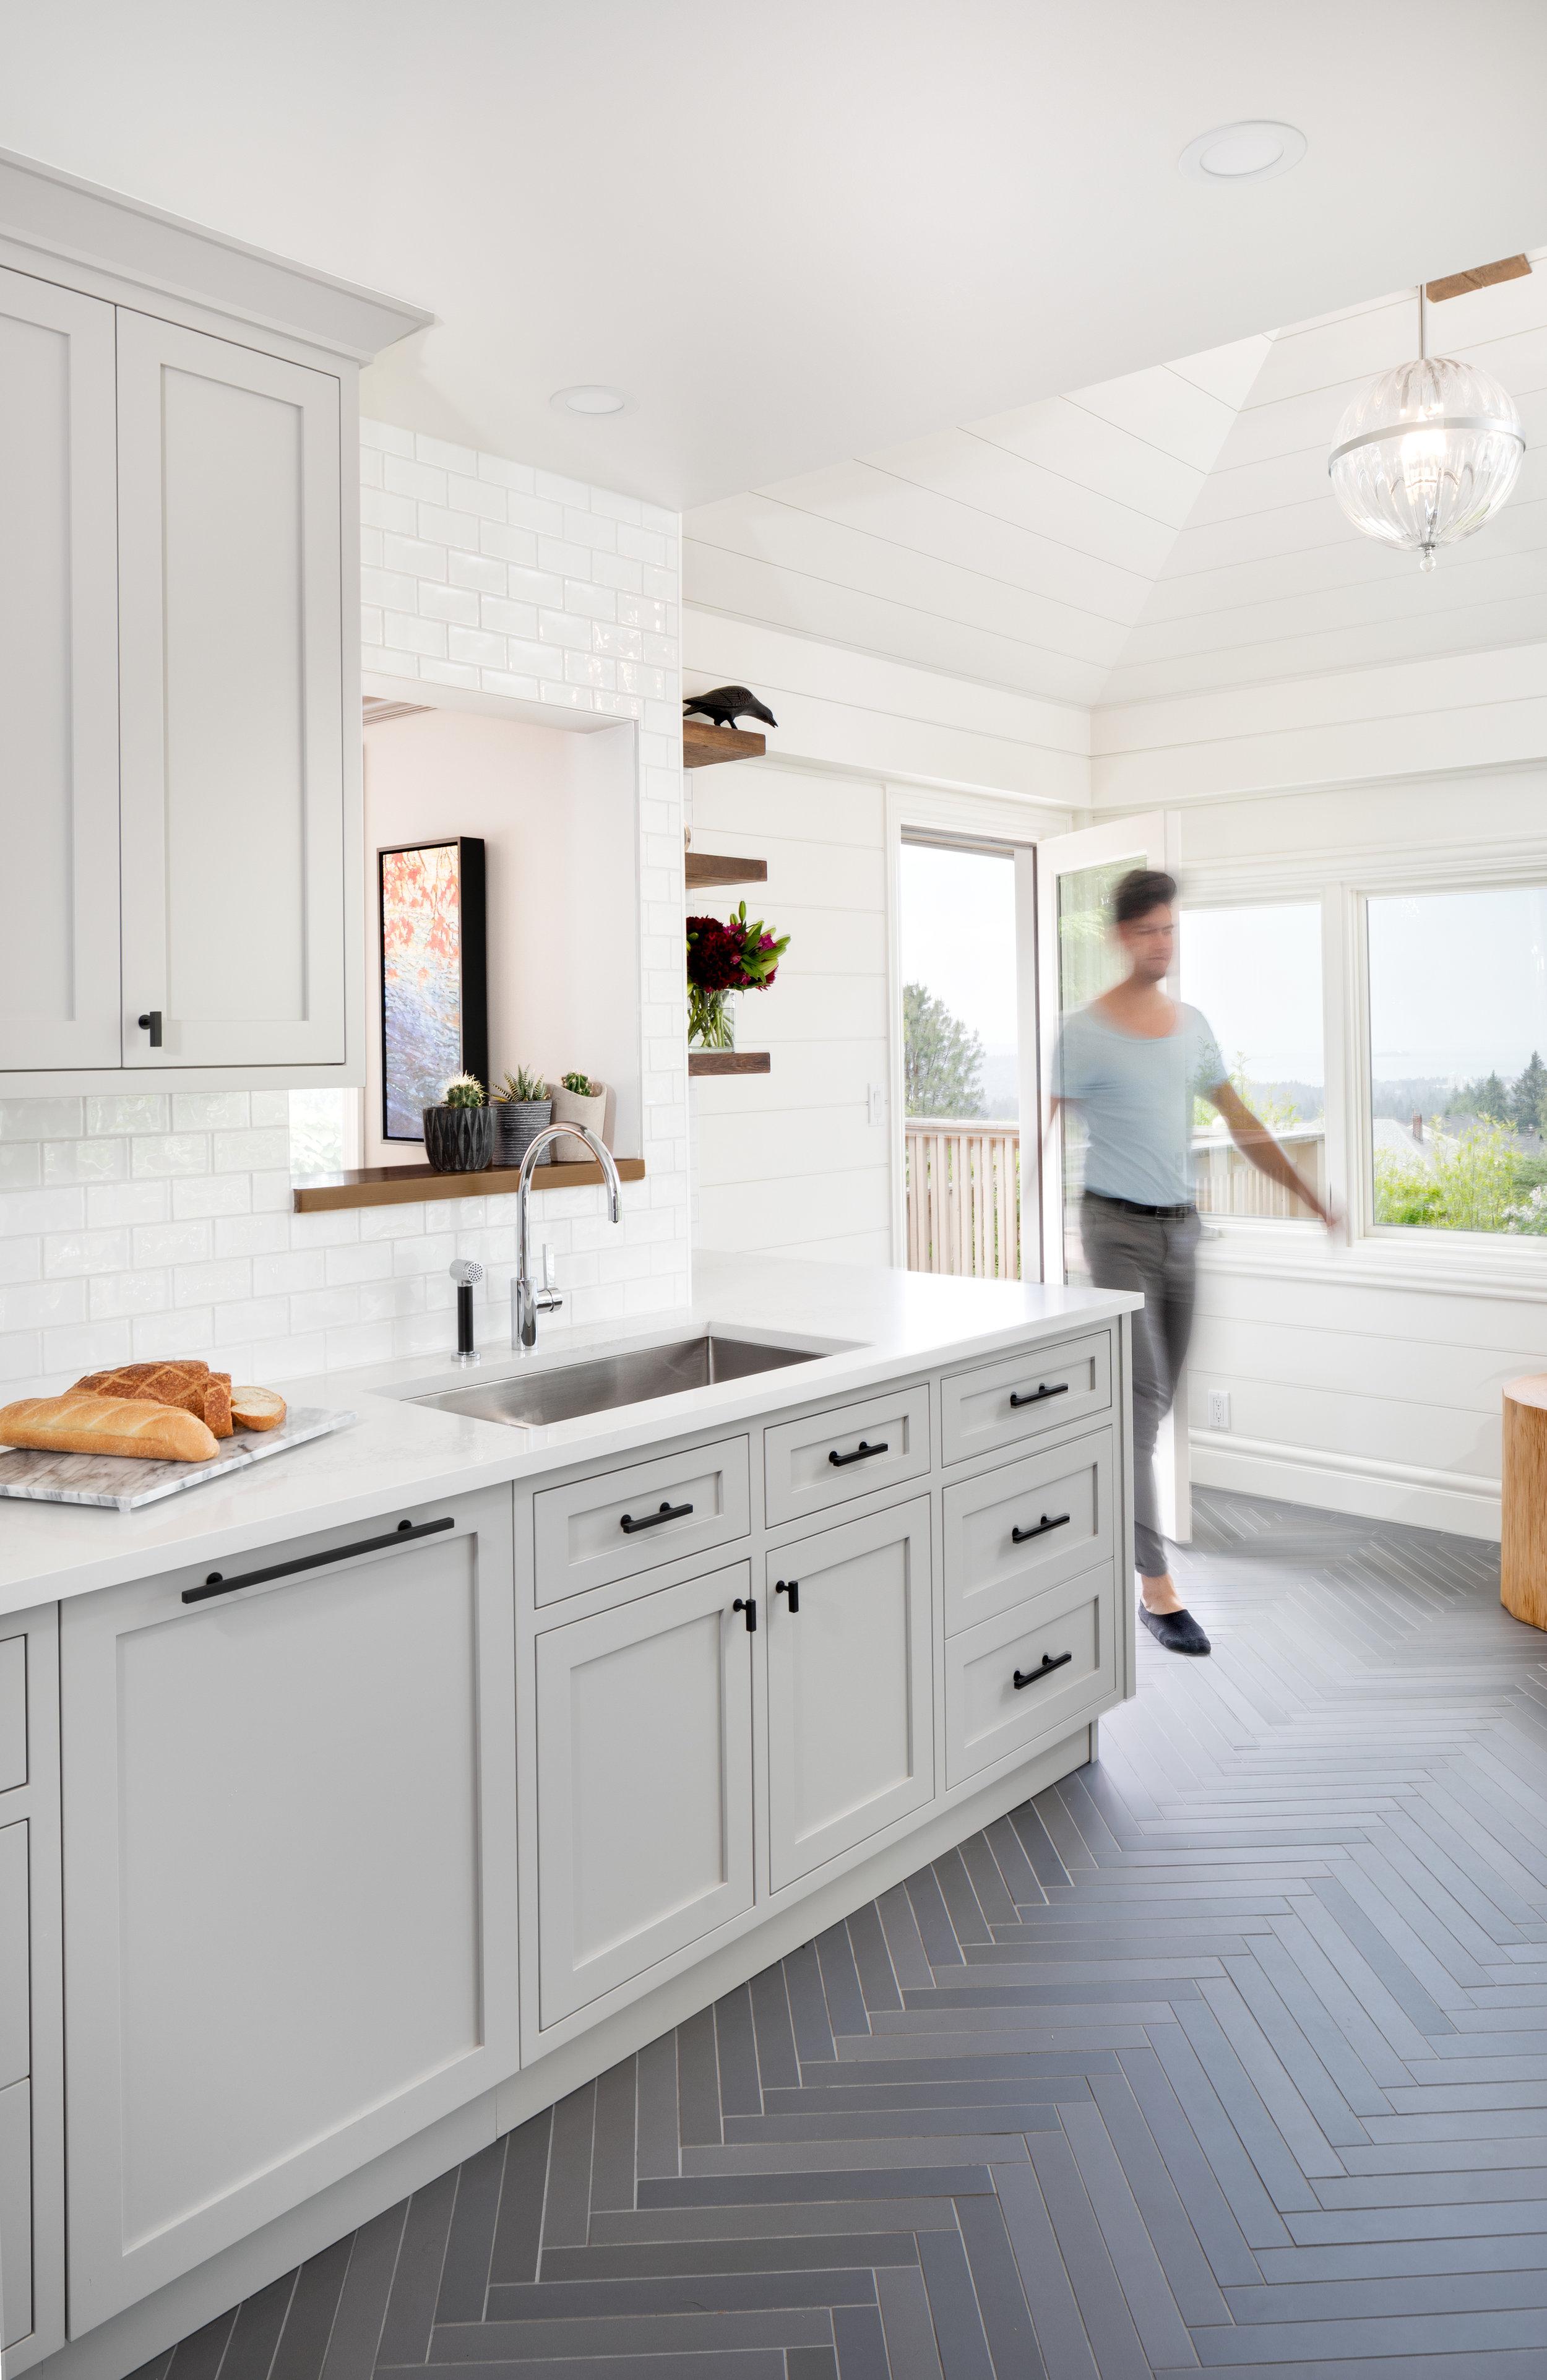 3361 Kitchen 6 Lifestyle REVISION 2.jpg